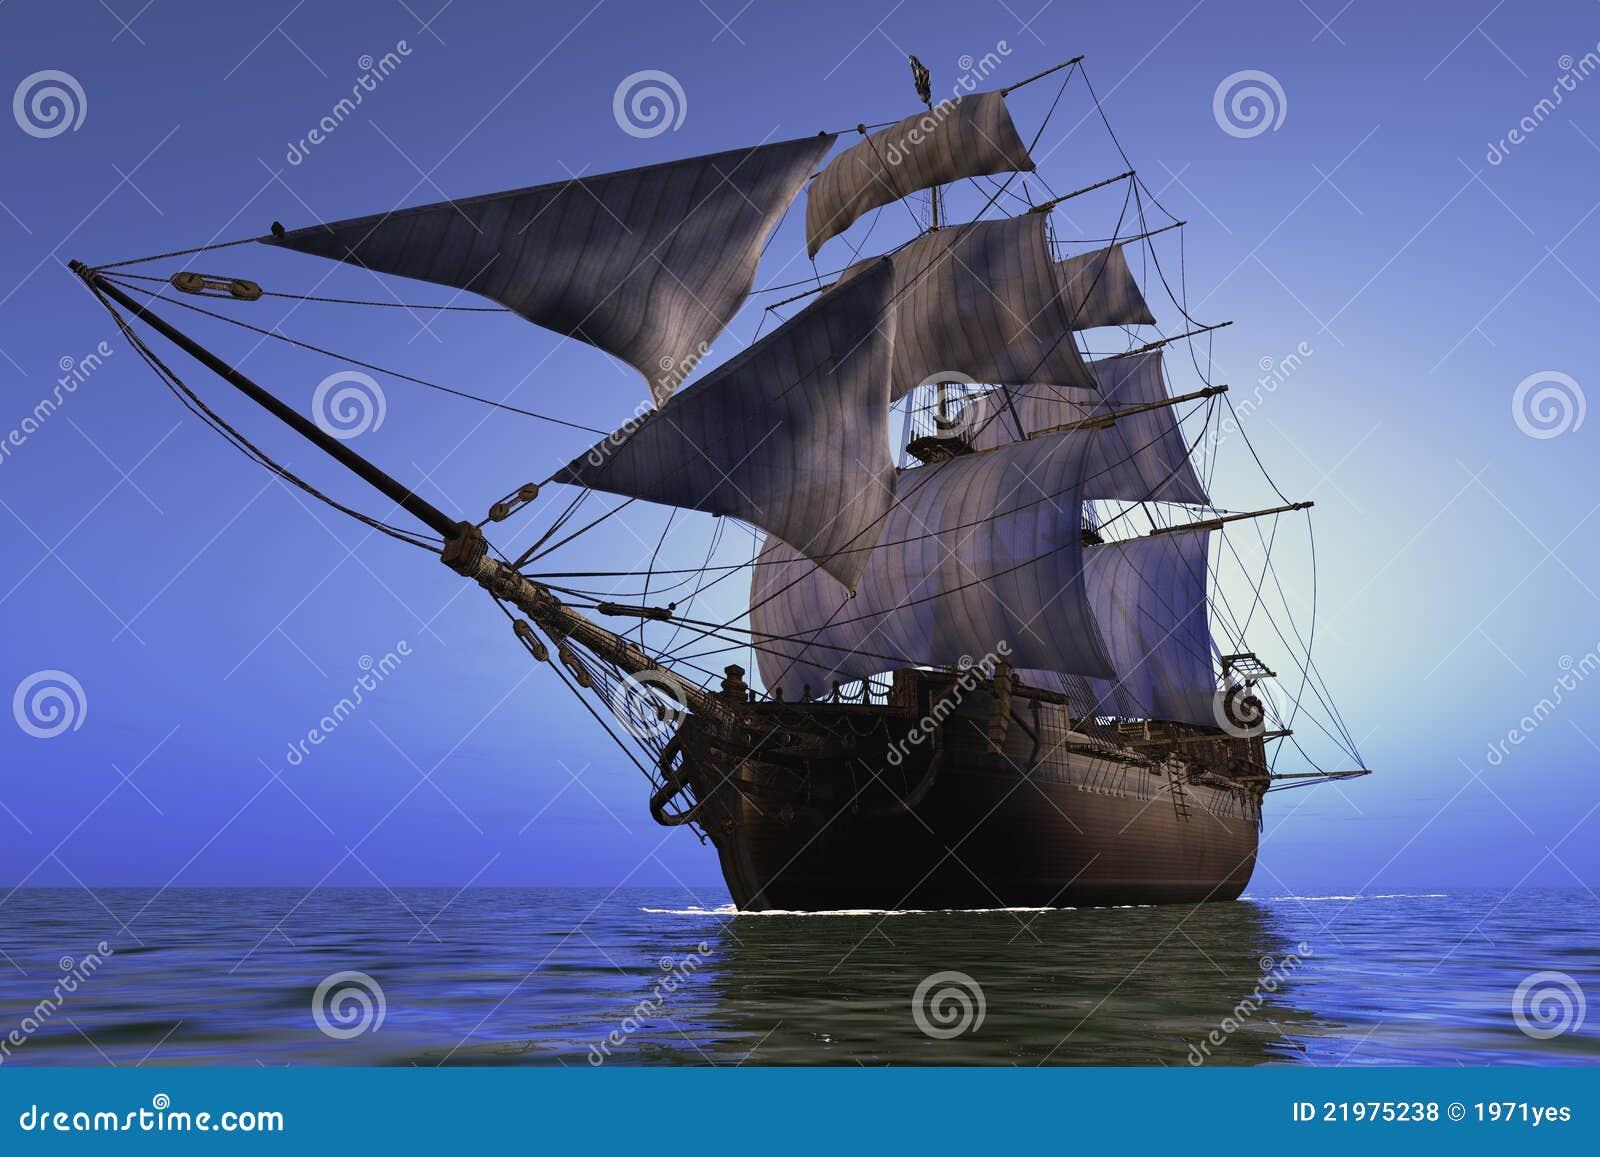 Bateau à voiles en mer.